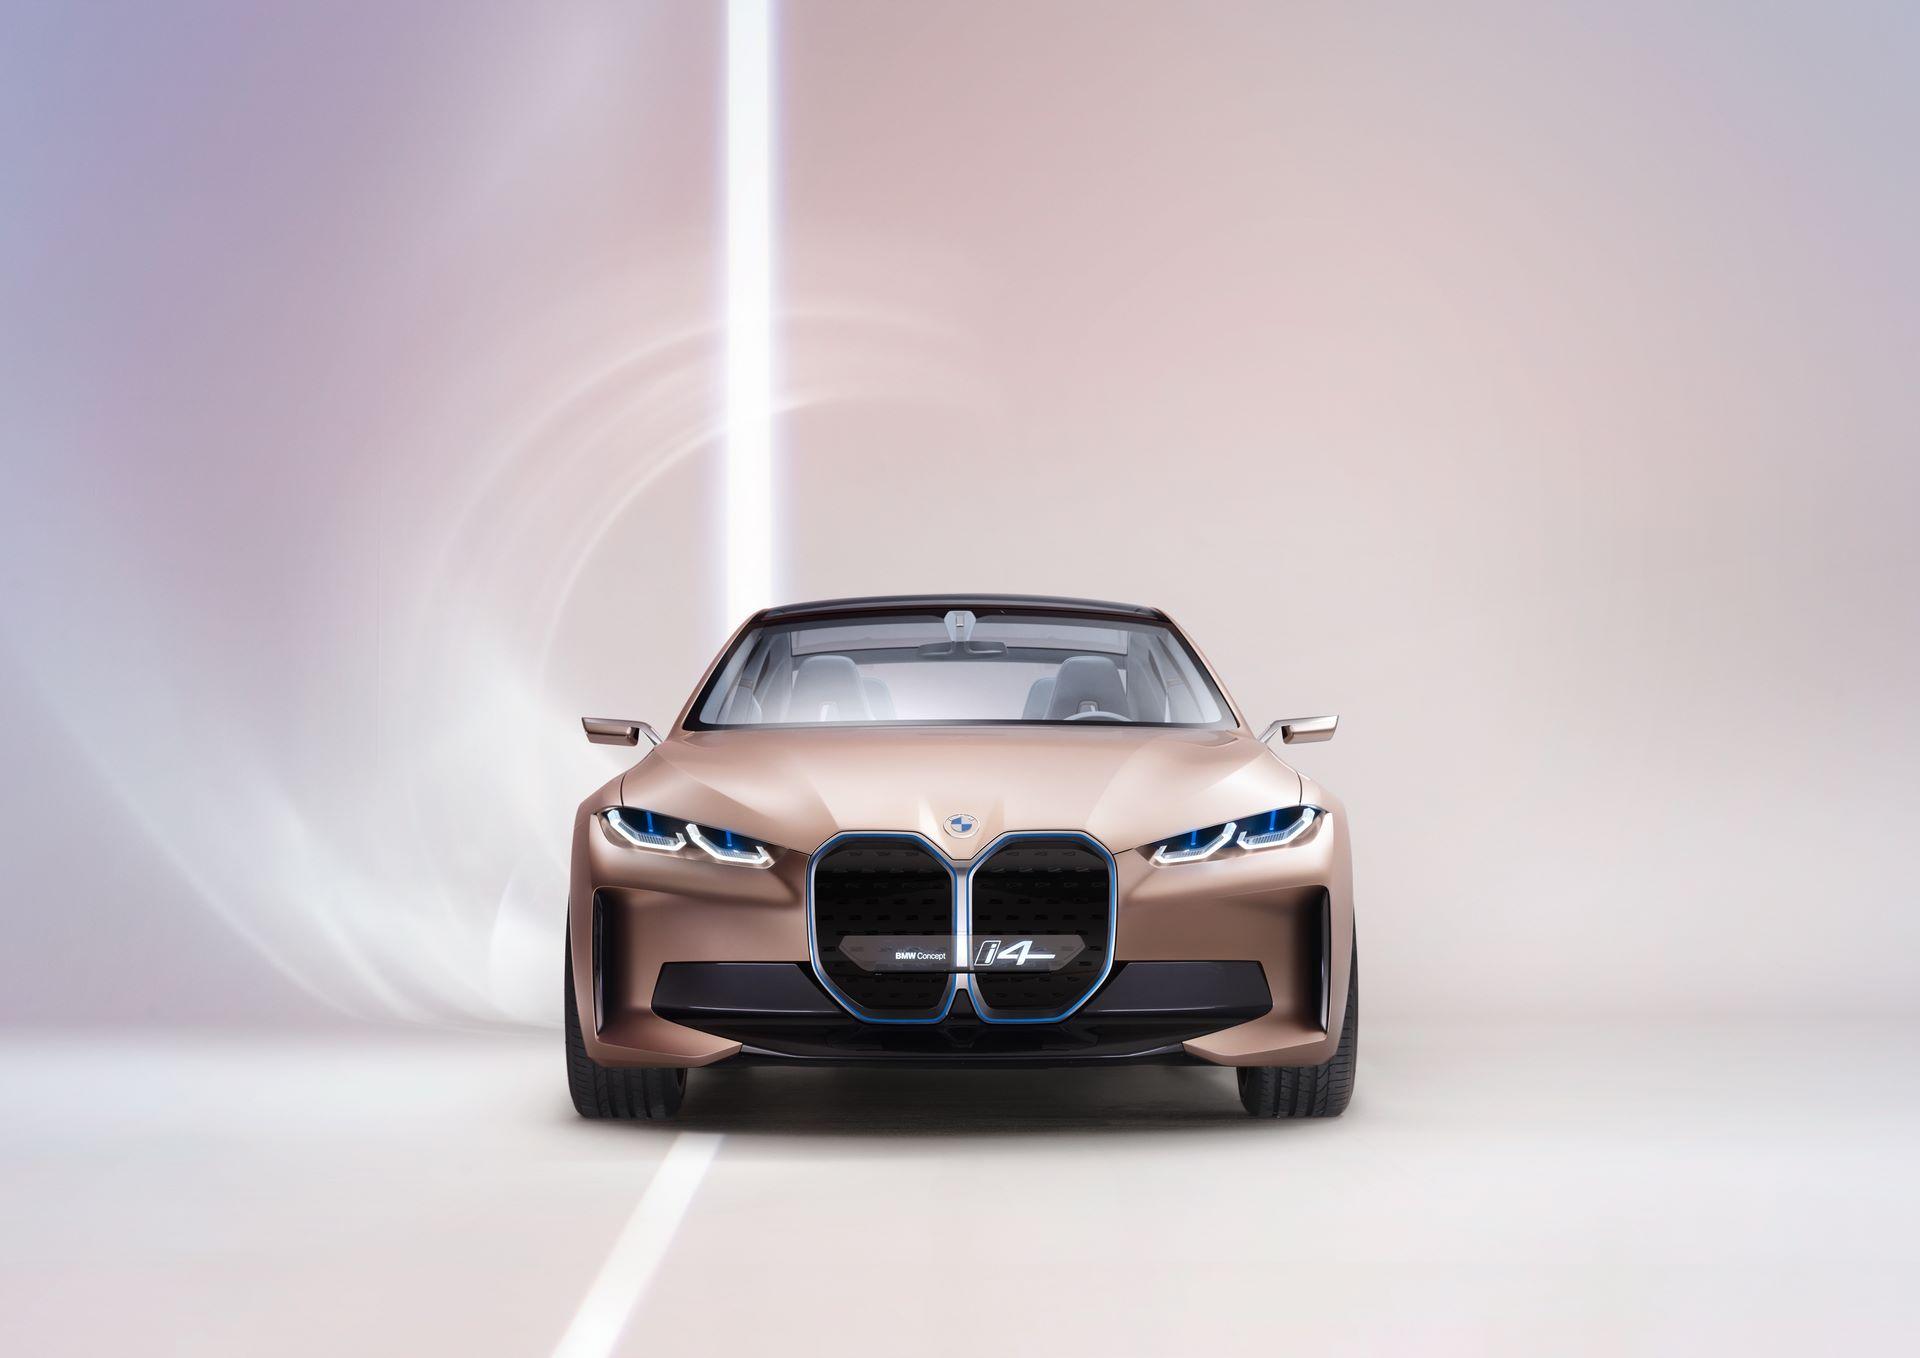 BMW-i4-concept-74